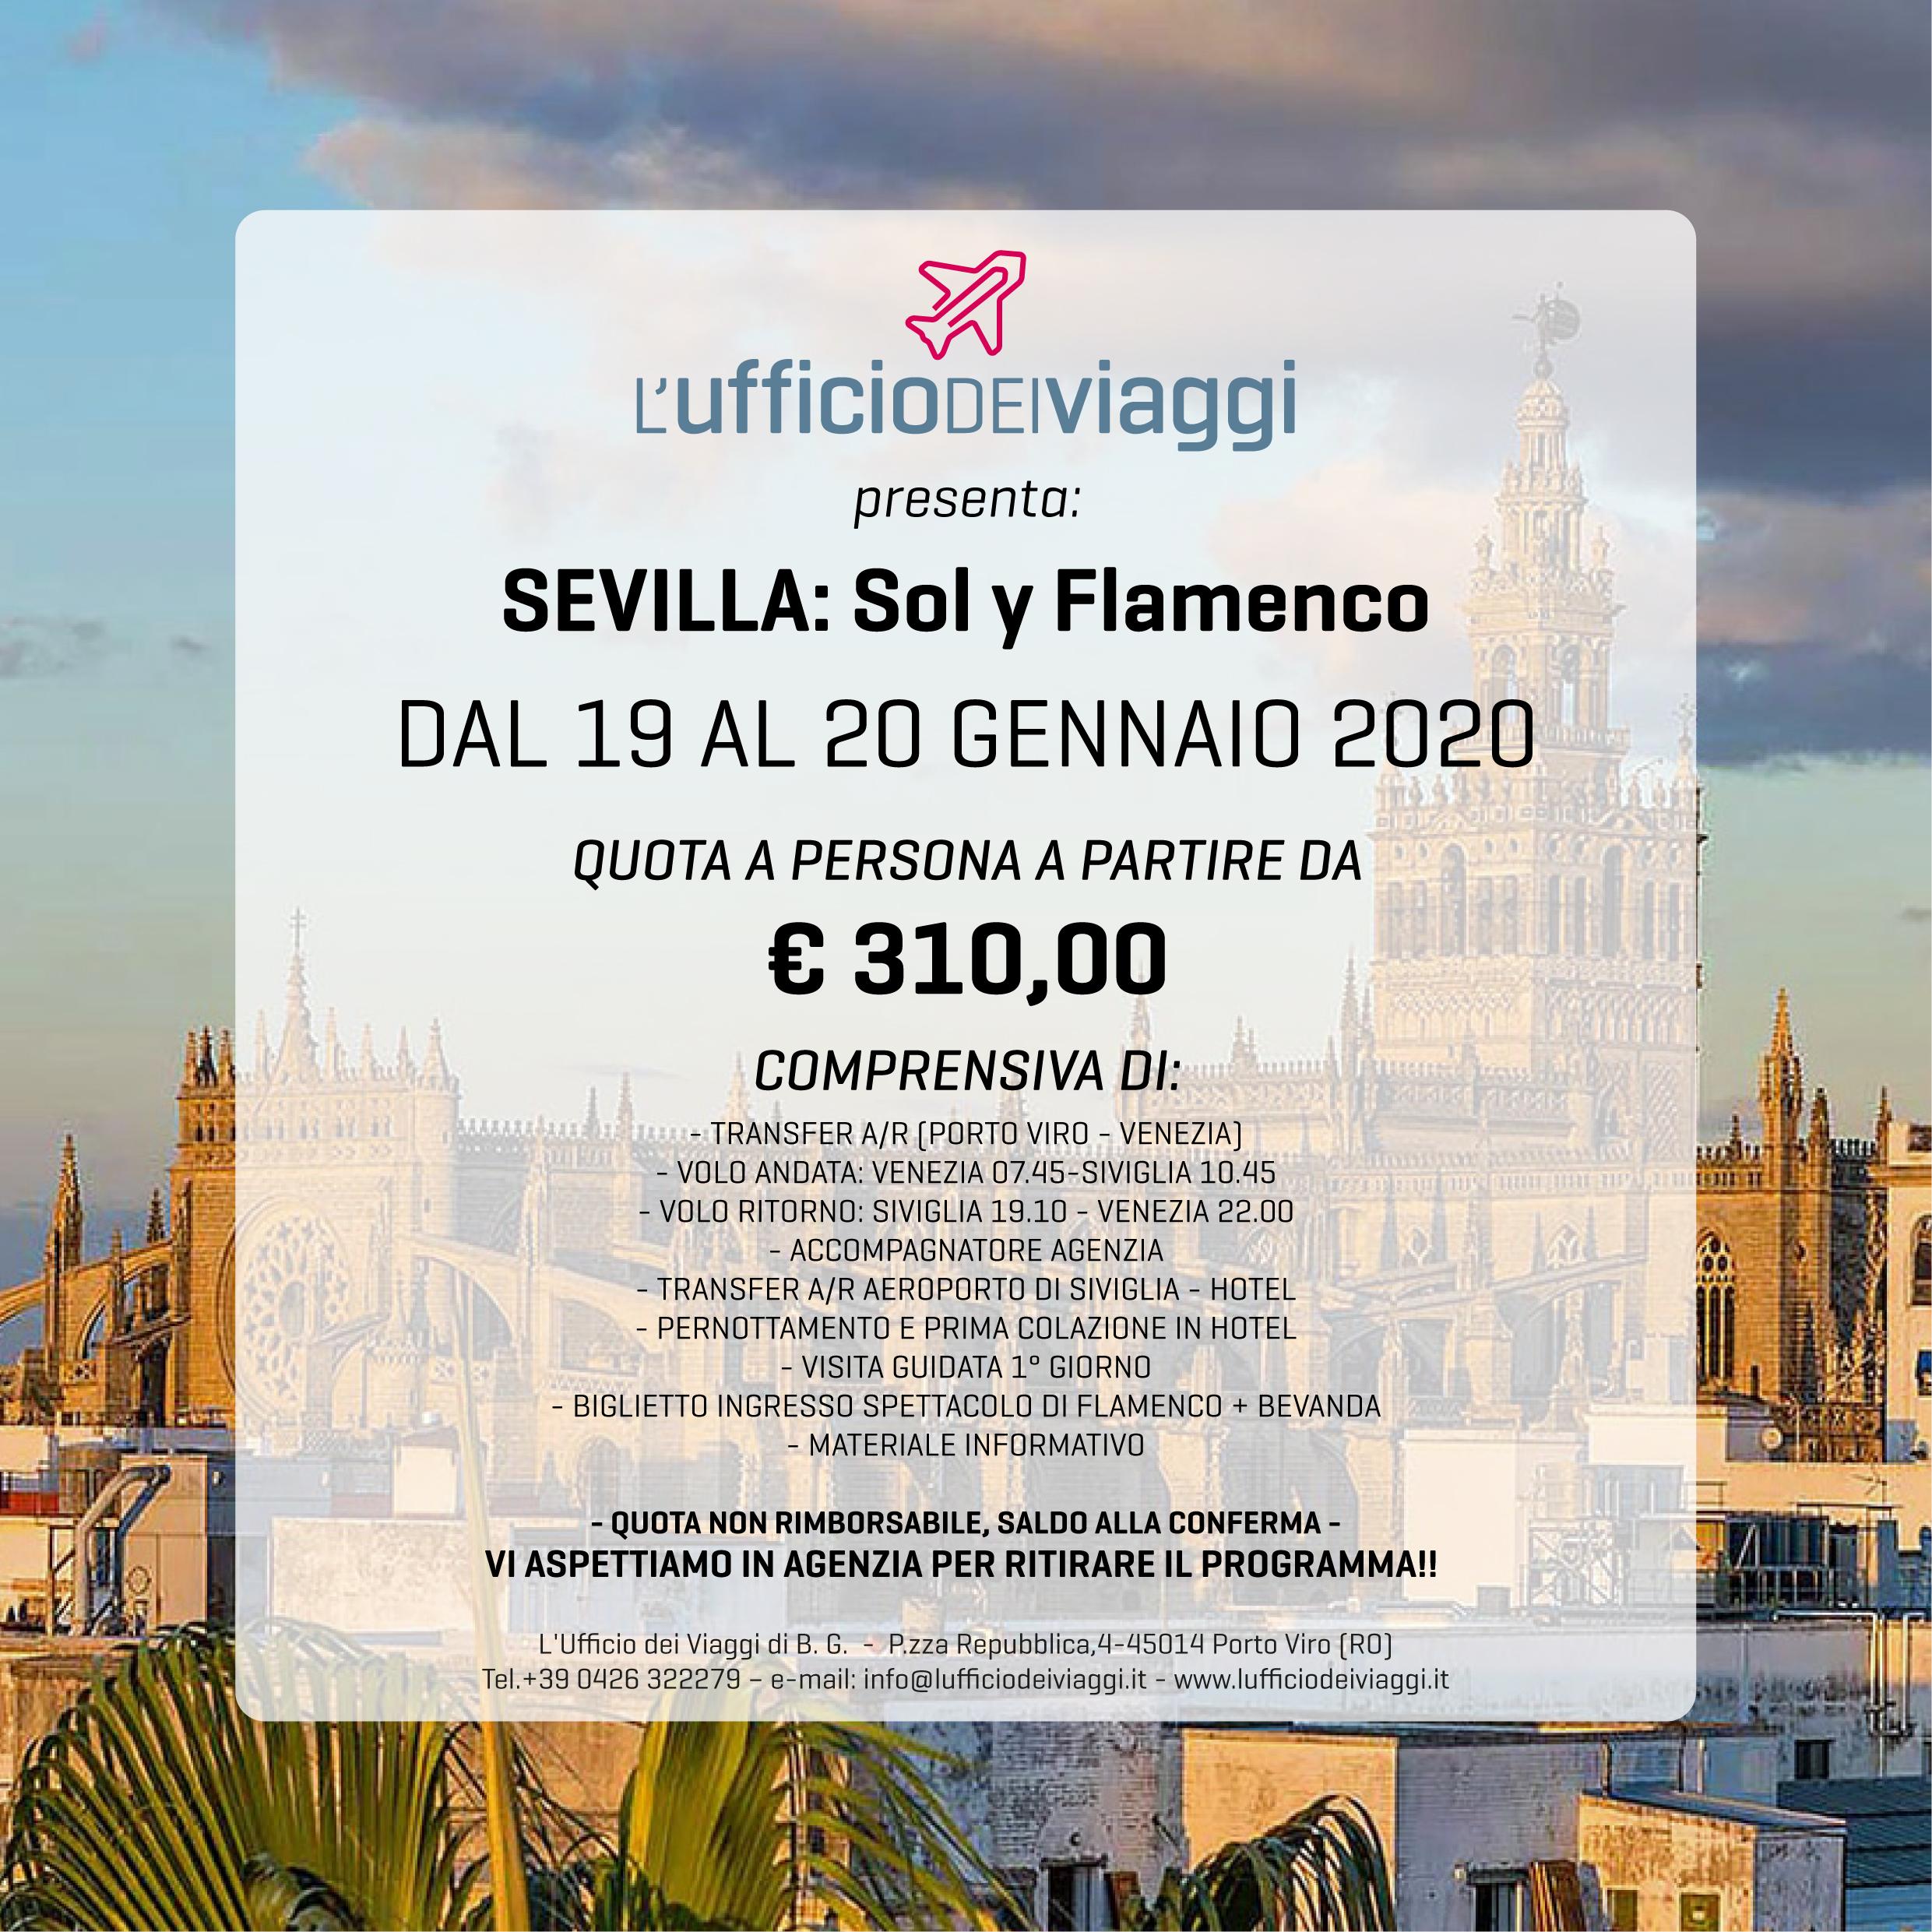 Sevilla sol y flamenco